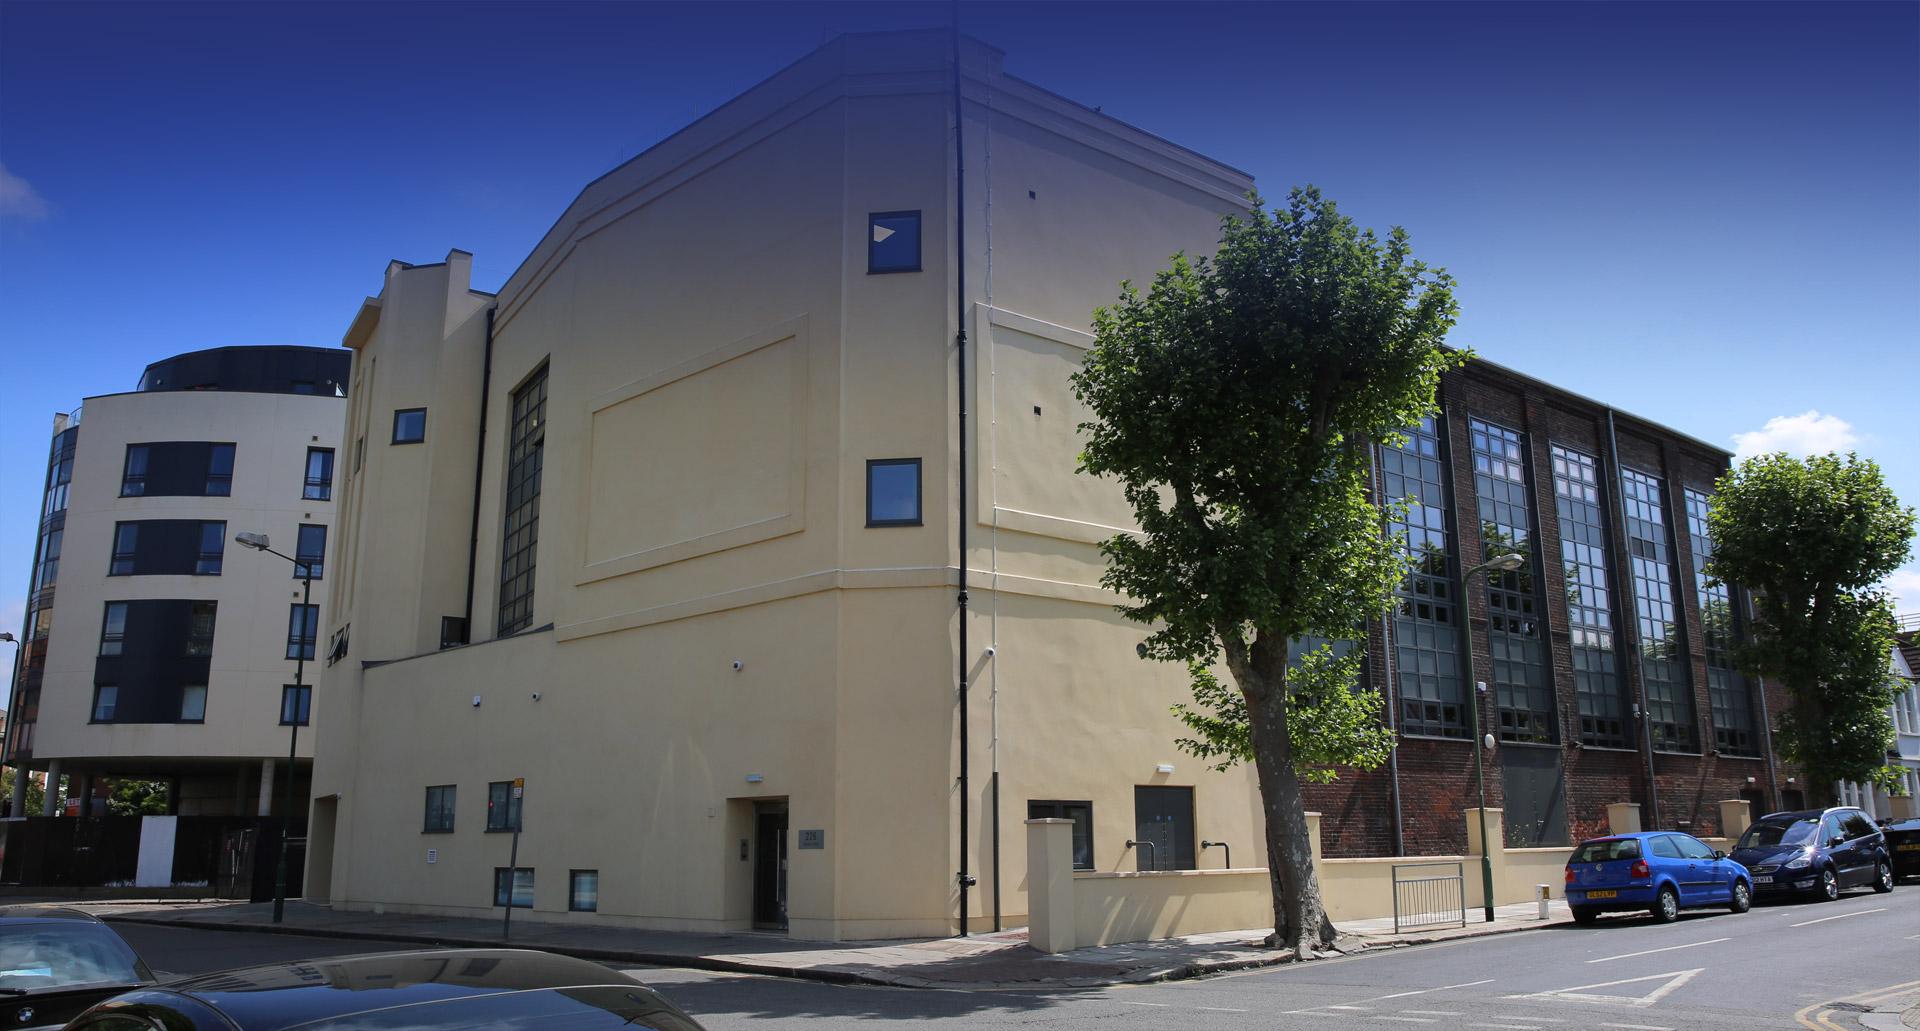 Willesden-London-Studio-2